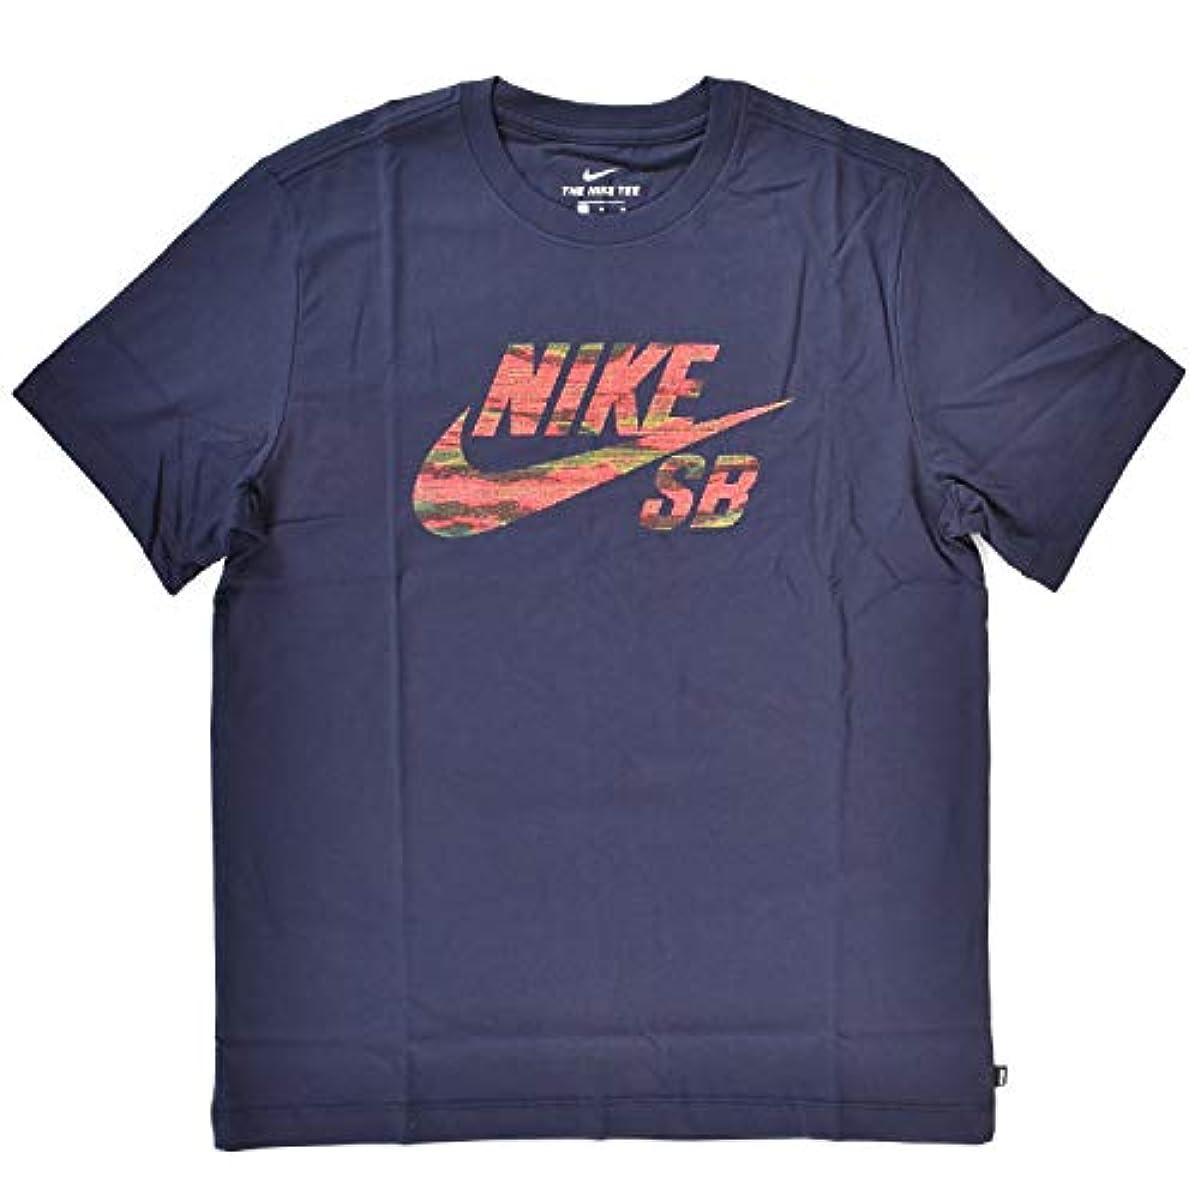 [해외] NIKE SB 나이키 에스 B 맨즈 반소매 T셔츠 과테말라・바이부레숀 BV1502